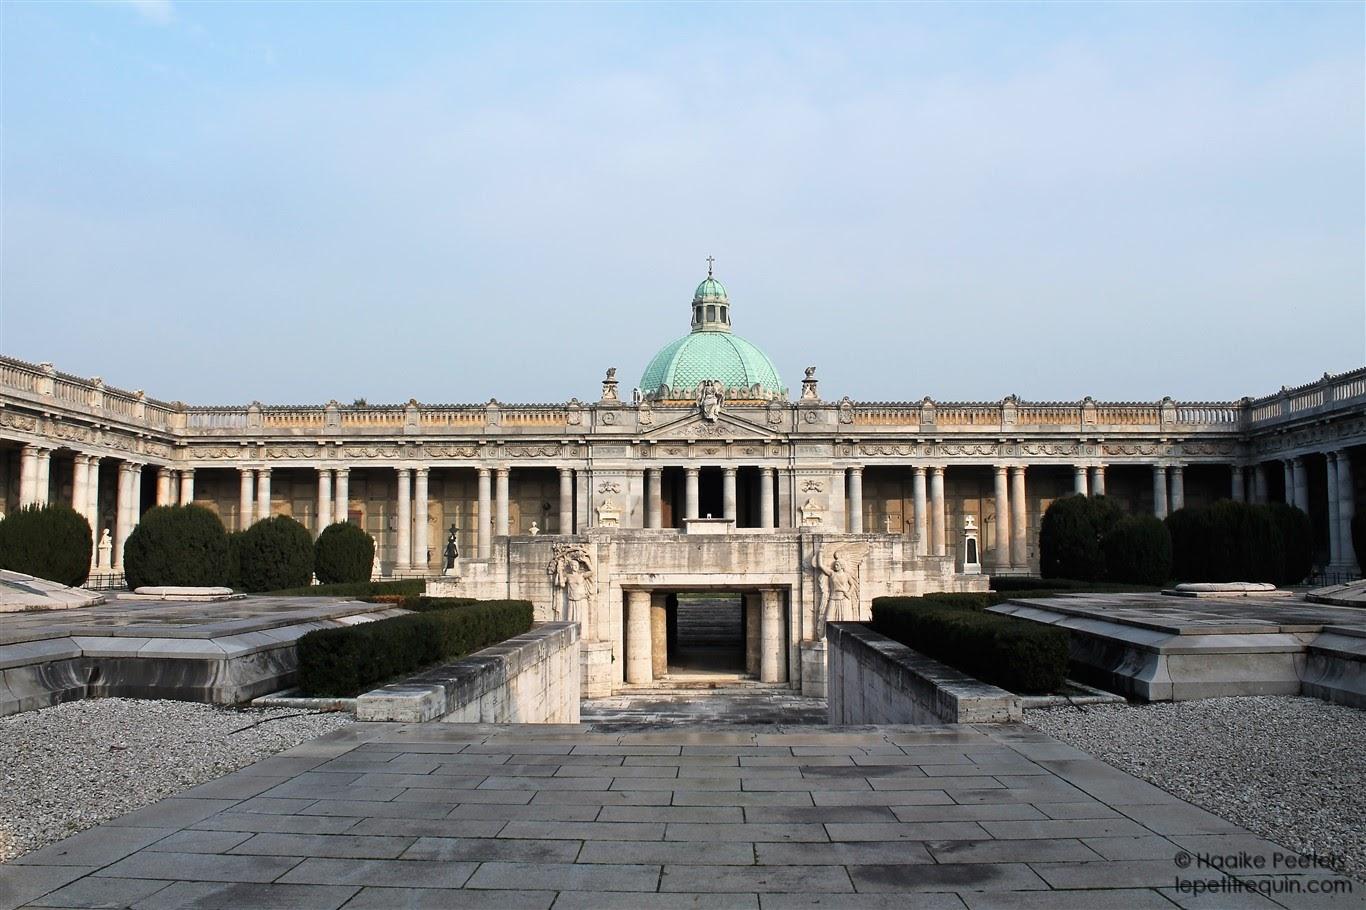 Cimitero monumentale della Certosa (Le petit requin)